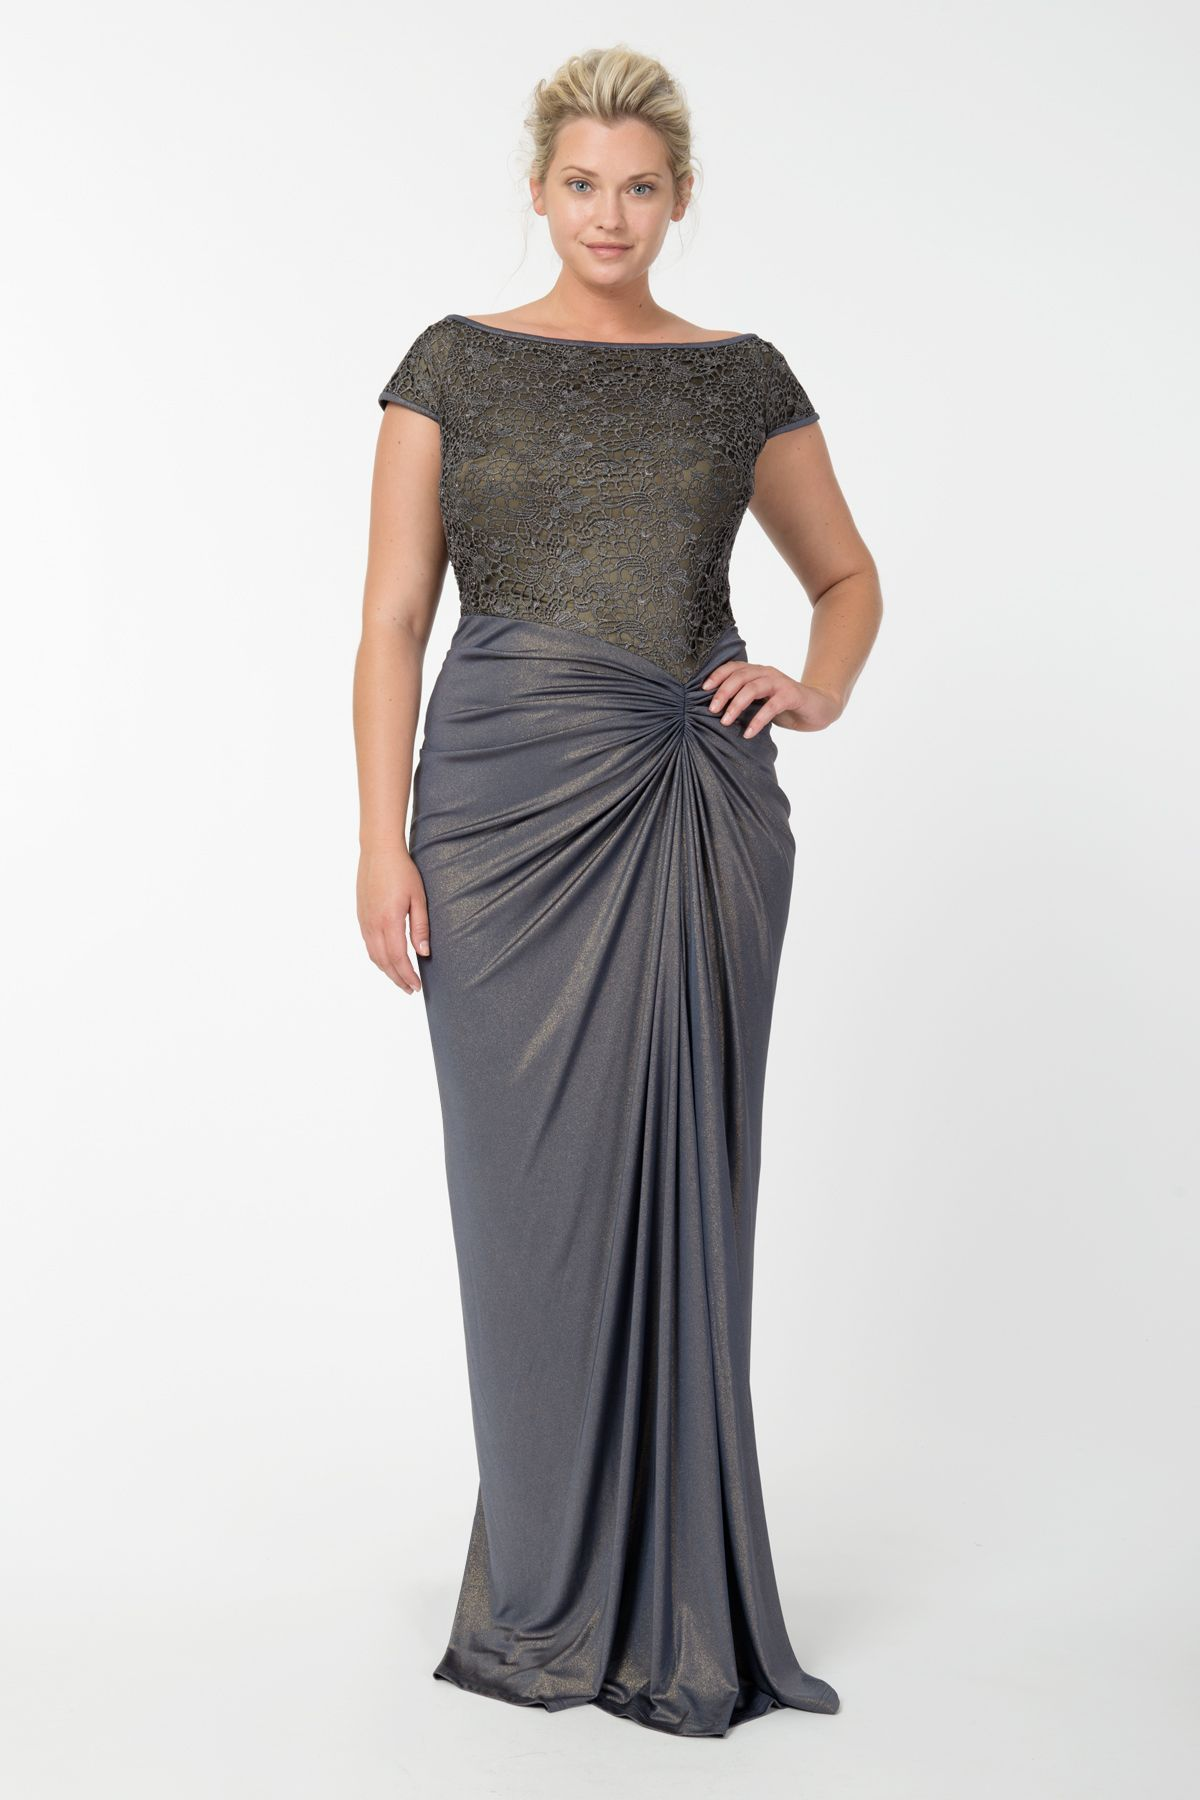 Metallic Lace and Draped Jersey Gown in Duchess Grey   Tadashi Shoji ...